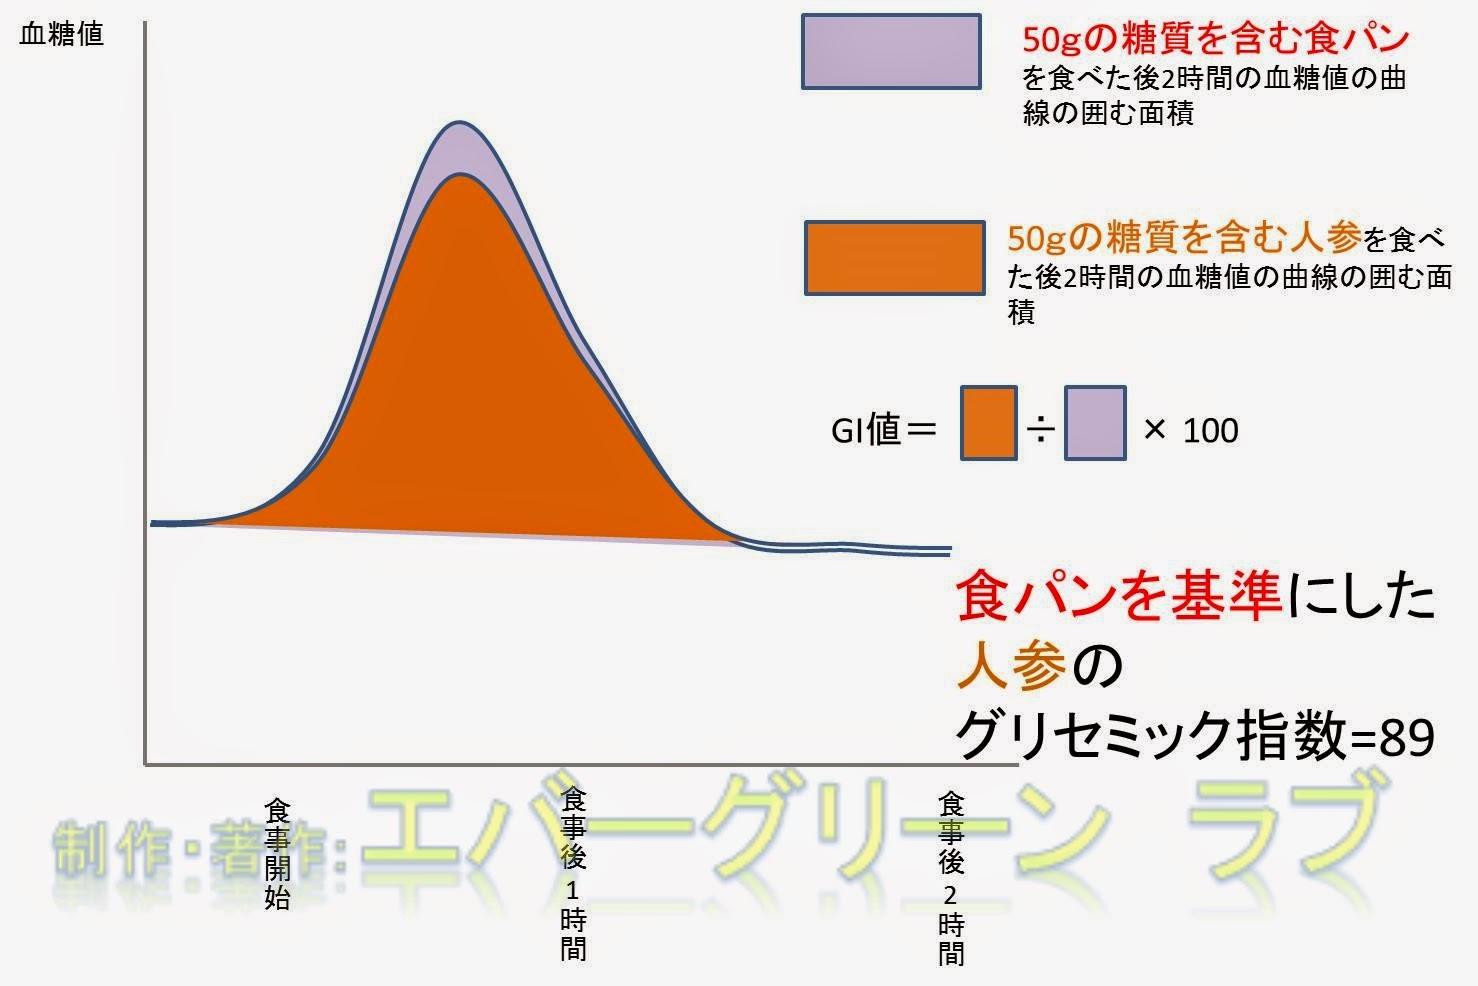 グリセミックインデックス GI 算出方法 意味 求め方 糖質制限 ダイエット 血糖値 糖質摂取 ごはん 食パン にんじん 食品 計算 基準